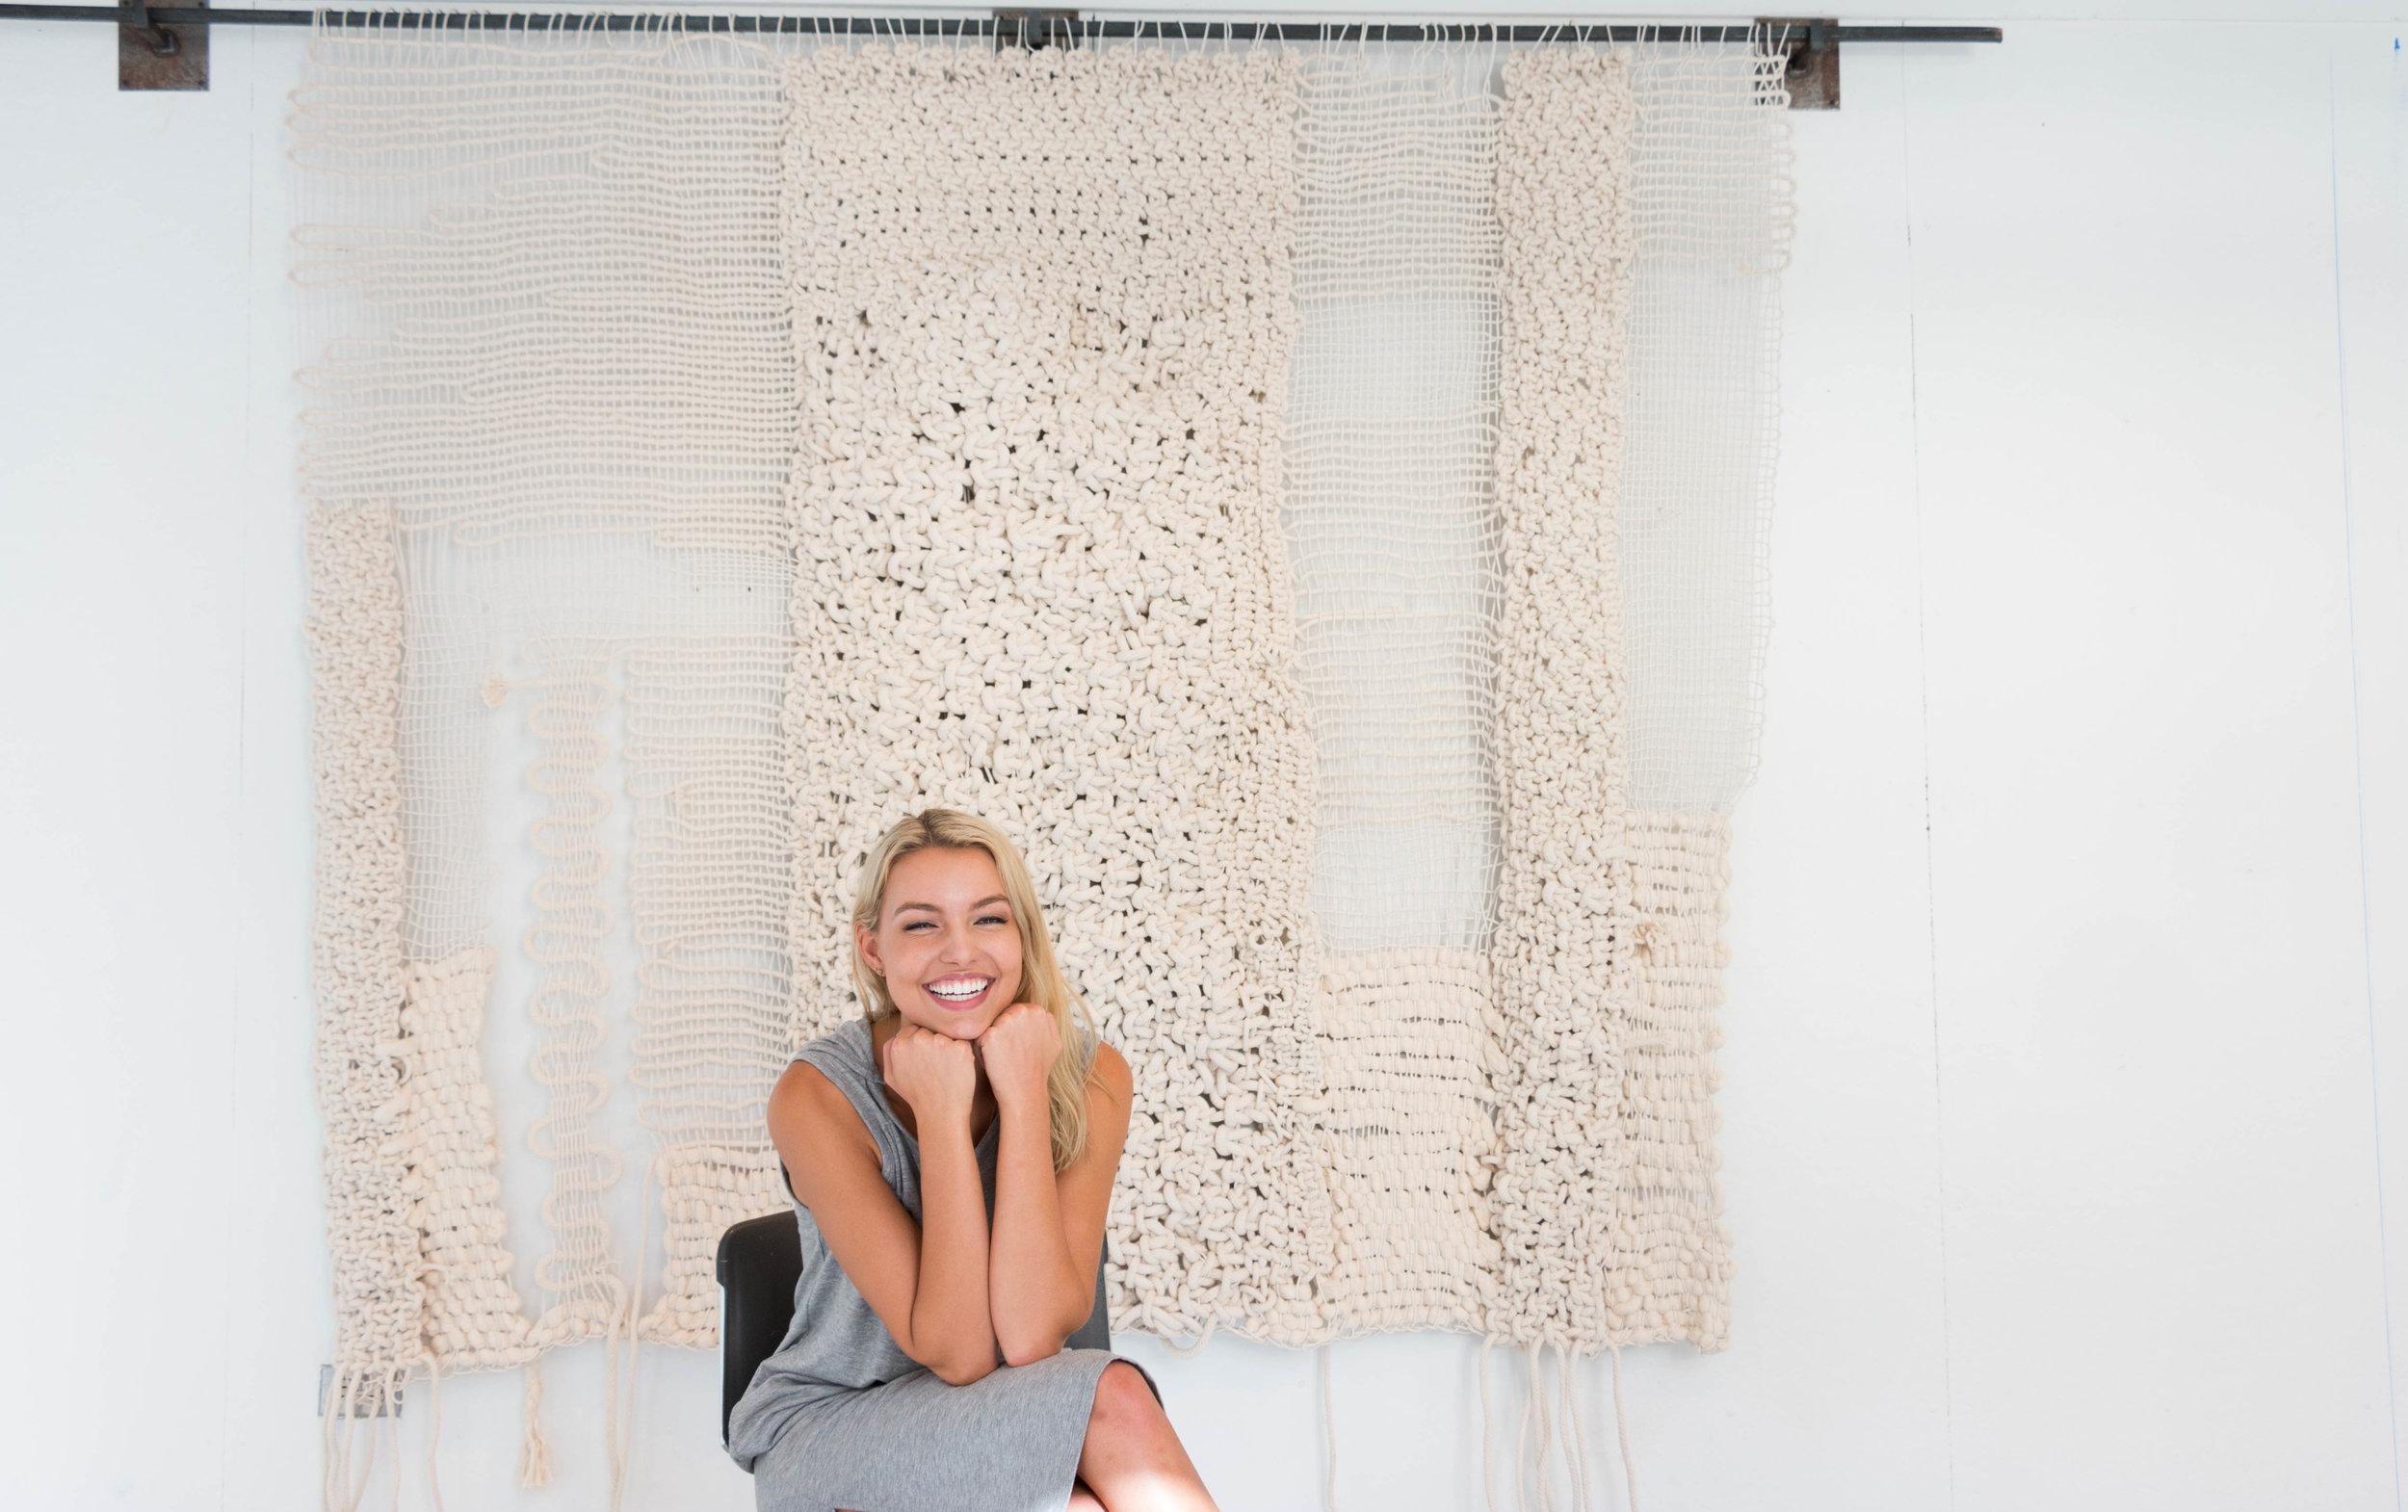 Jacqueline Surdell Art